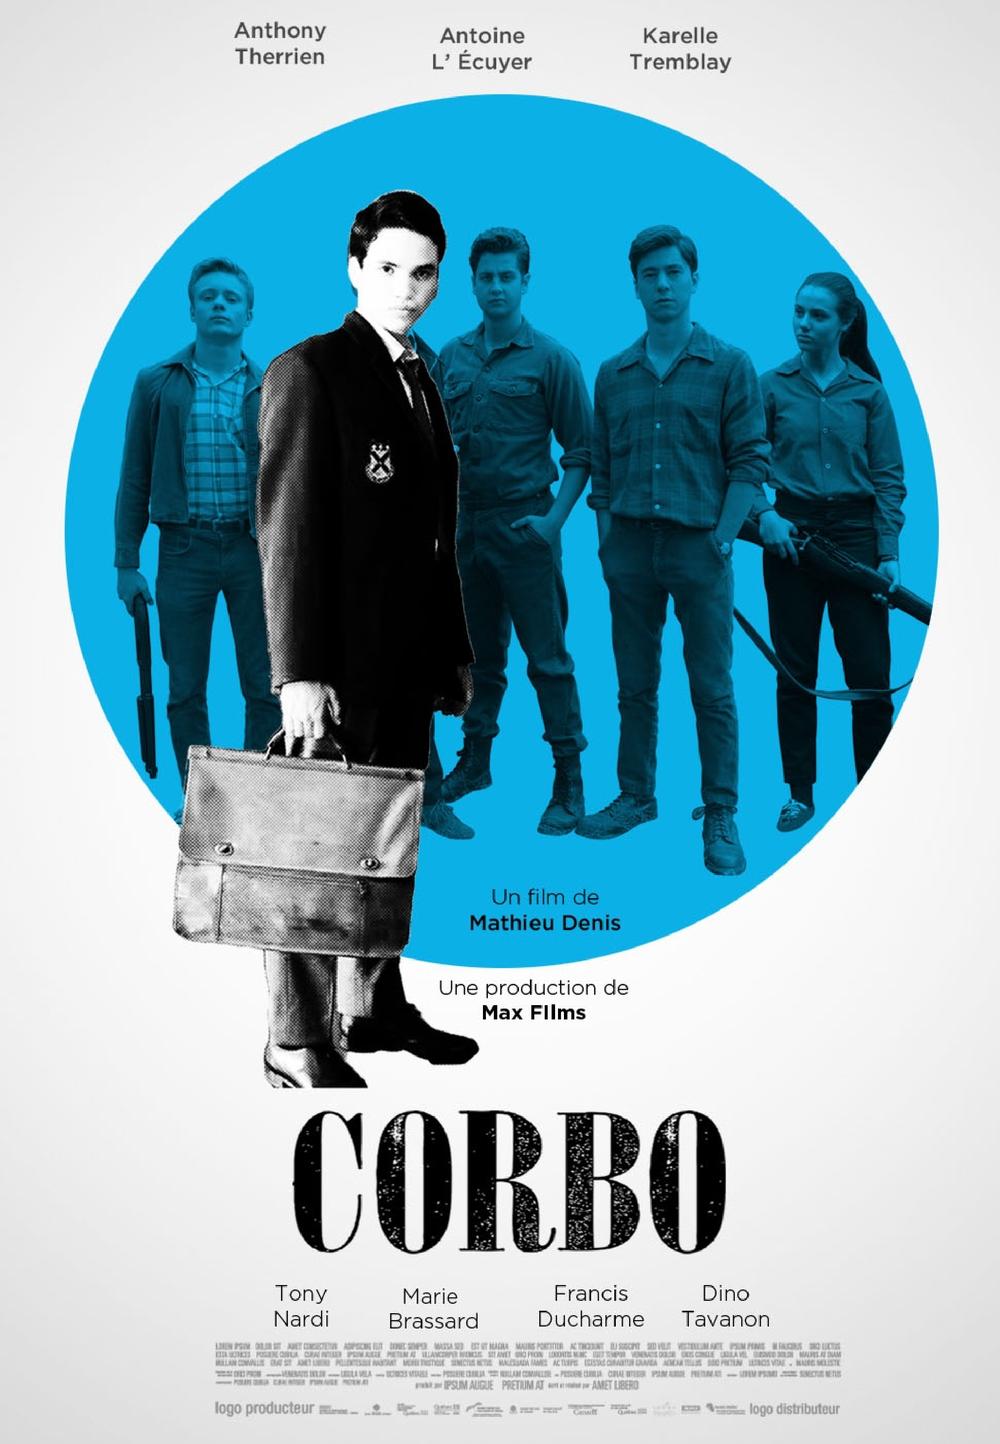 CORBO-Poster-RENZO-27oct_00011.jpg